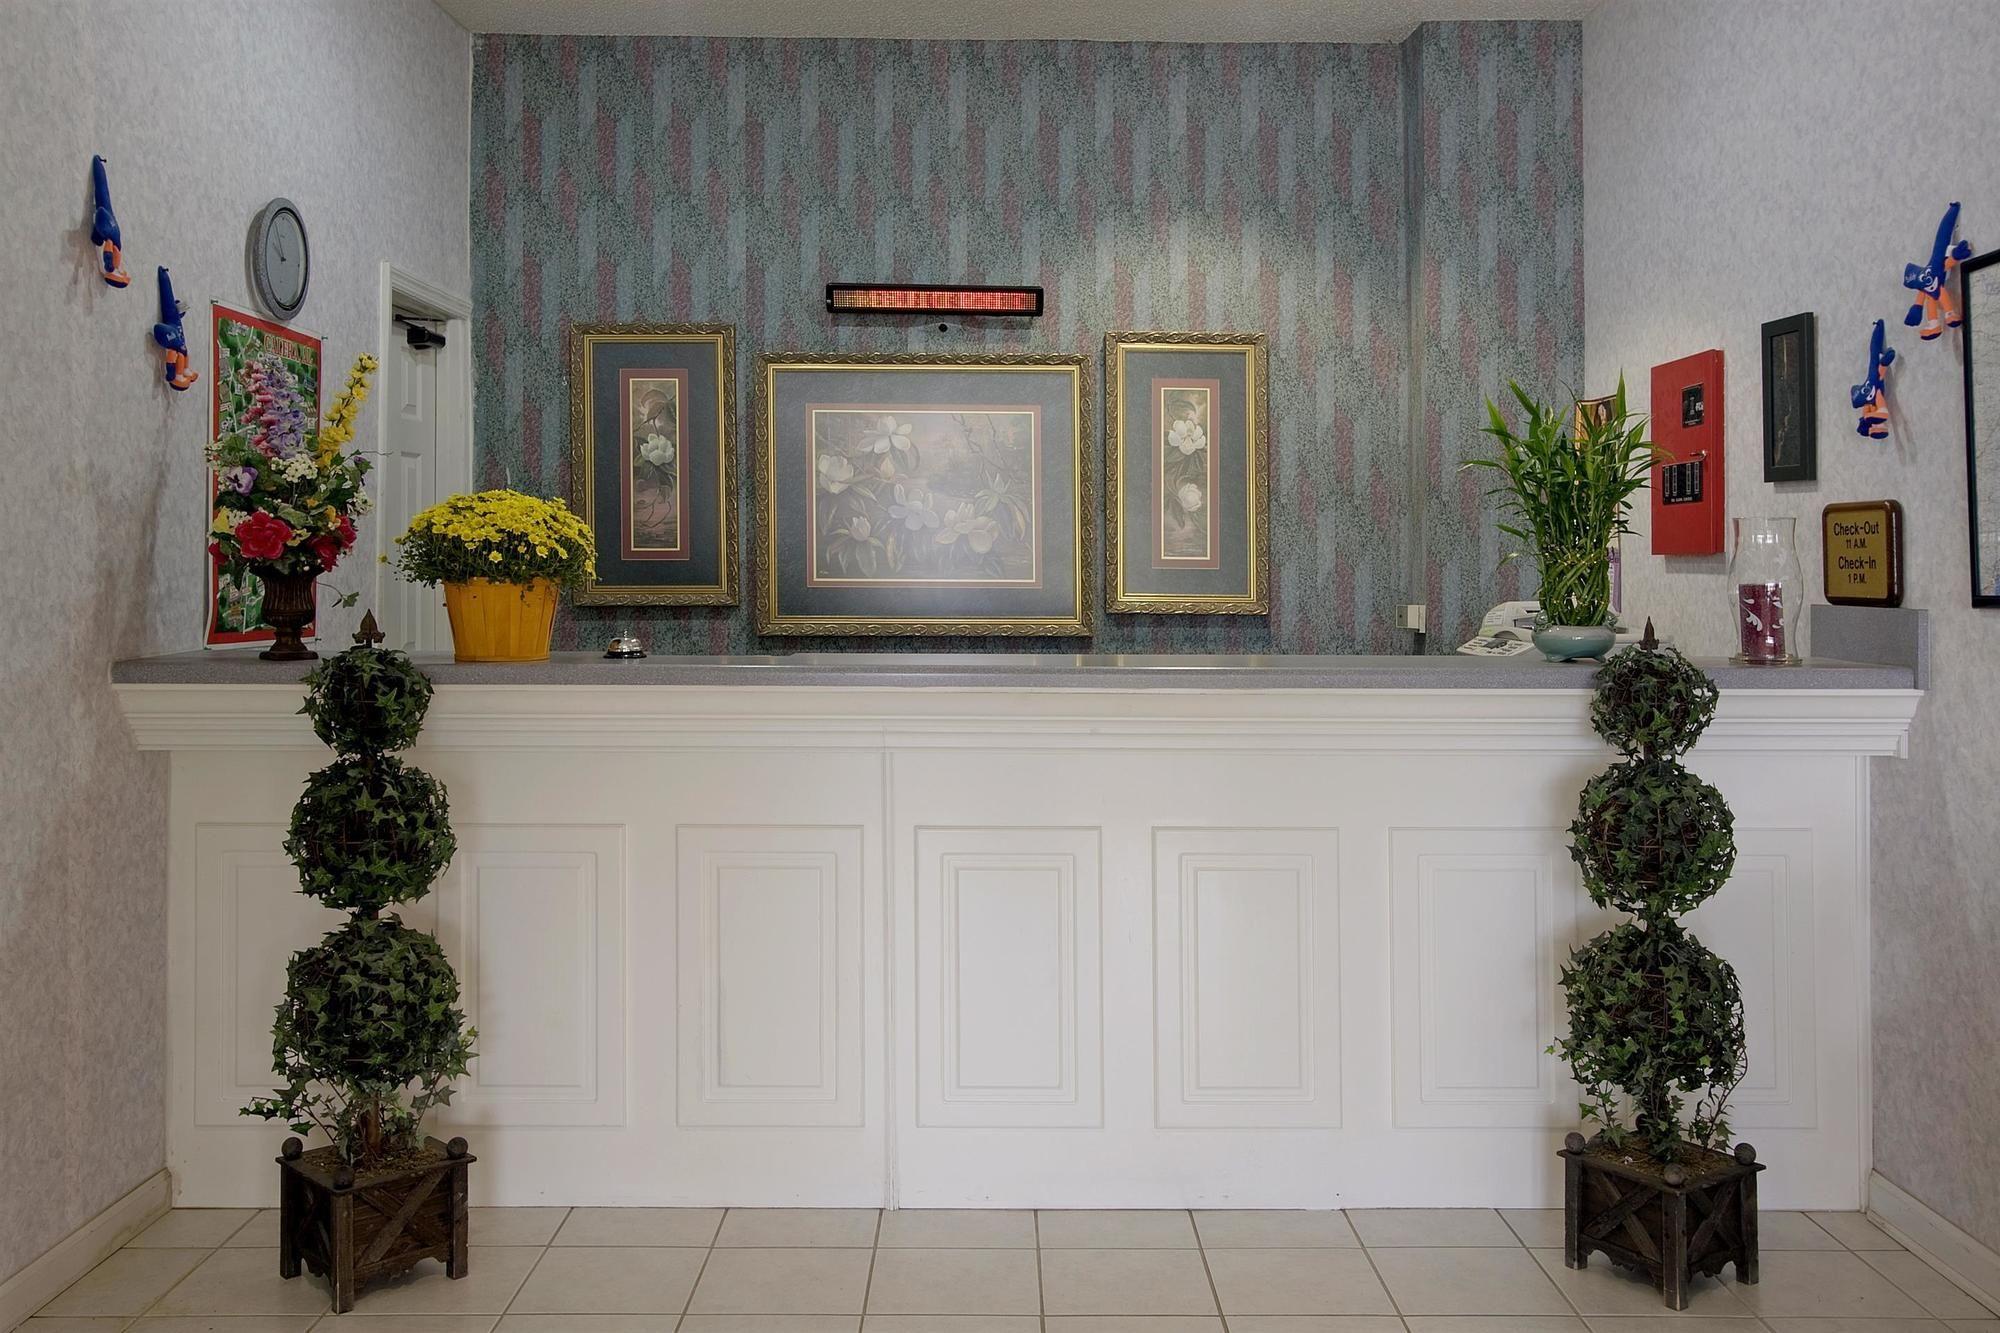 Americas Best Value Inn & Suites-Birmingham/Calera in Calera, AL